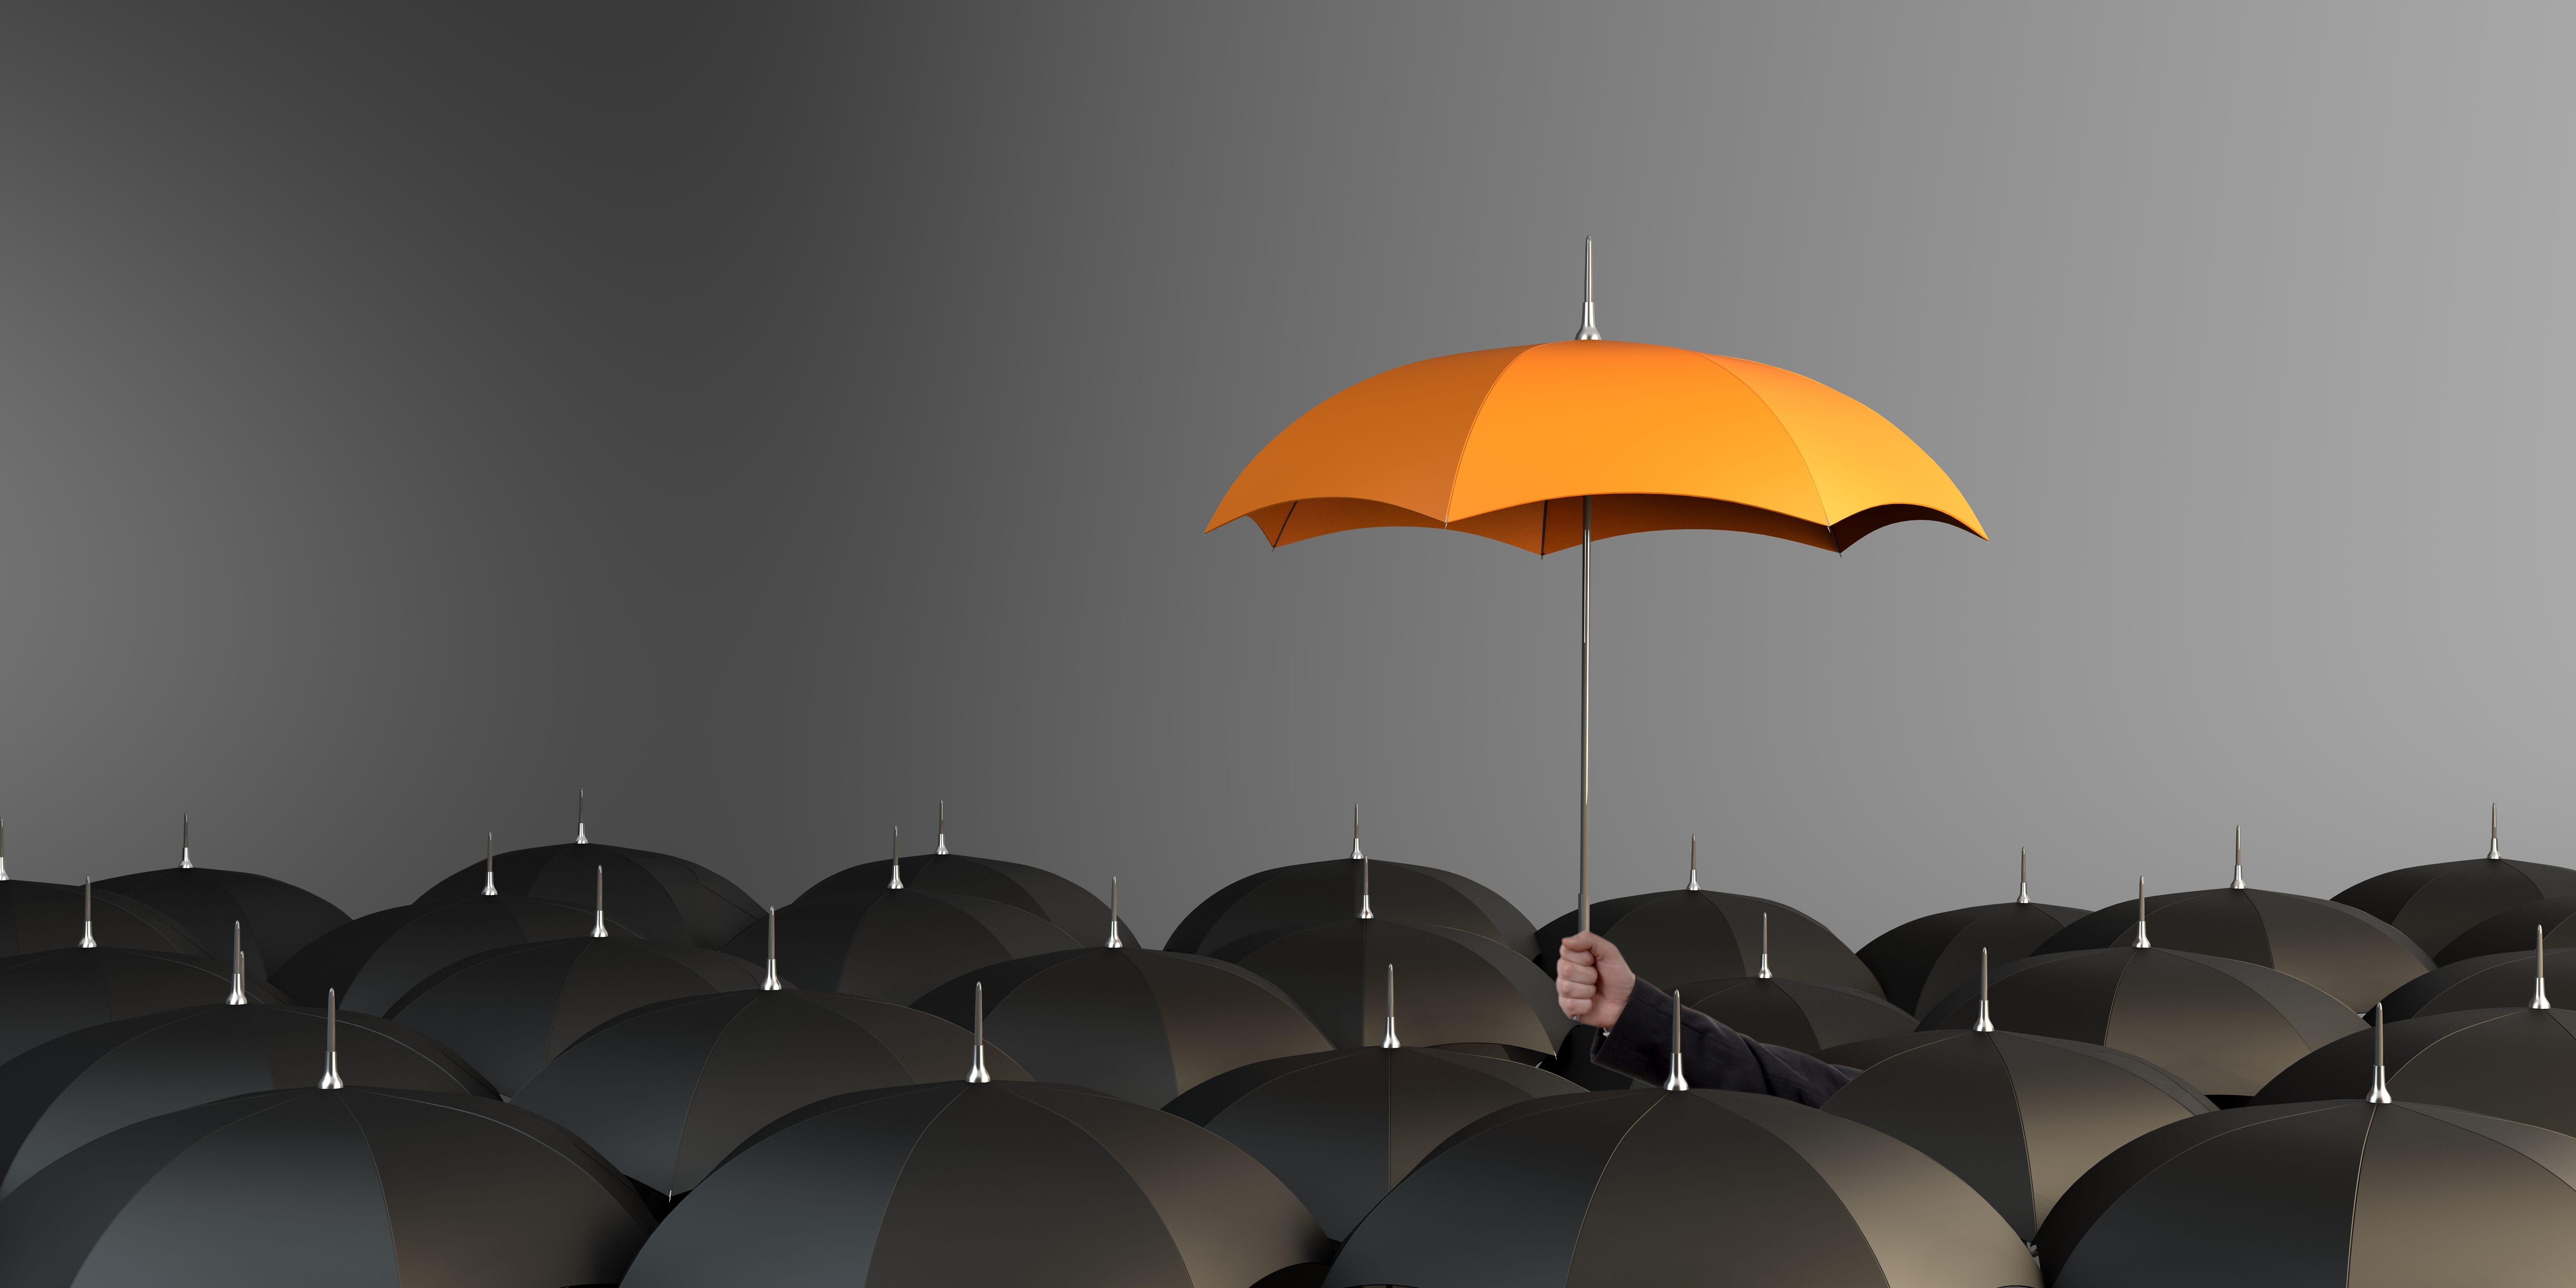 umbrella-company